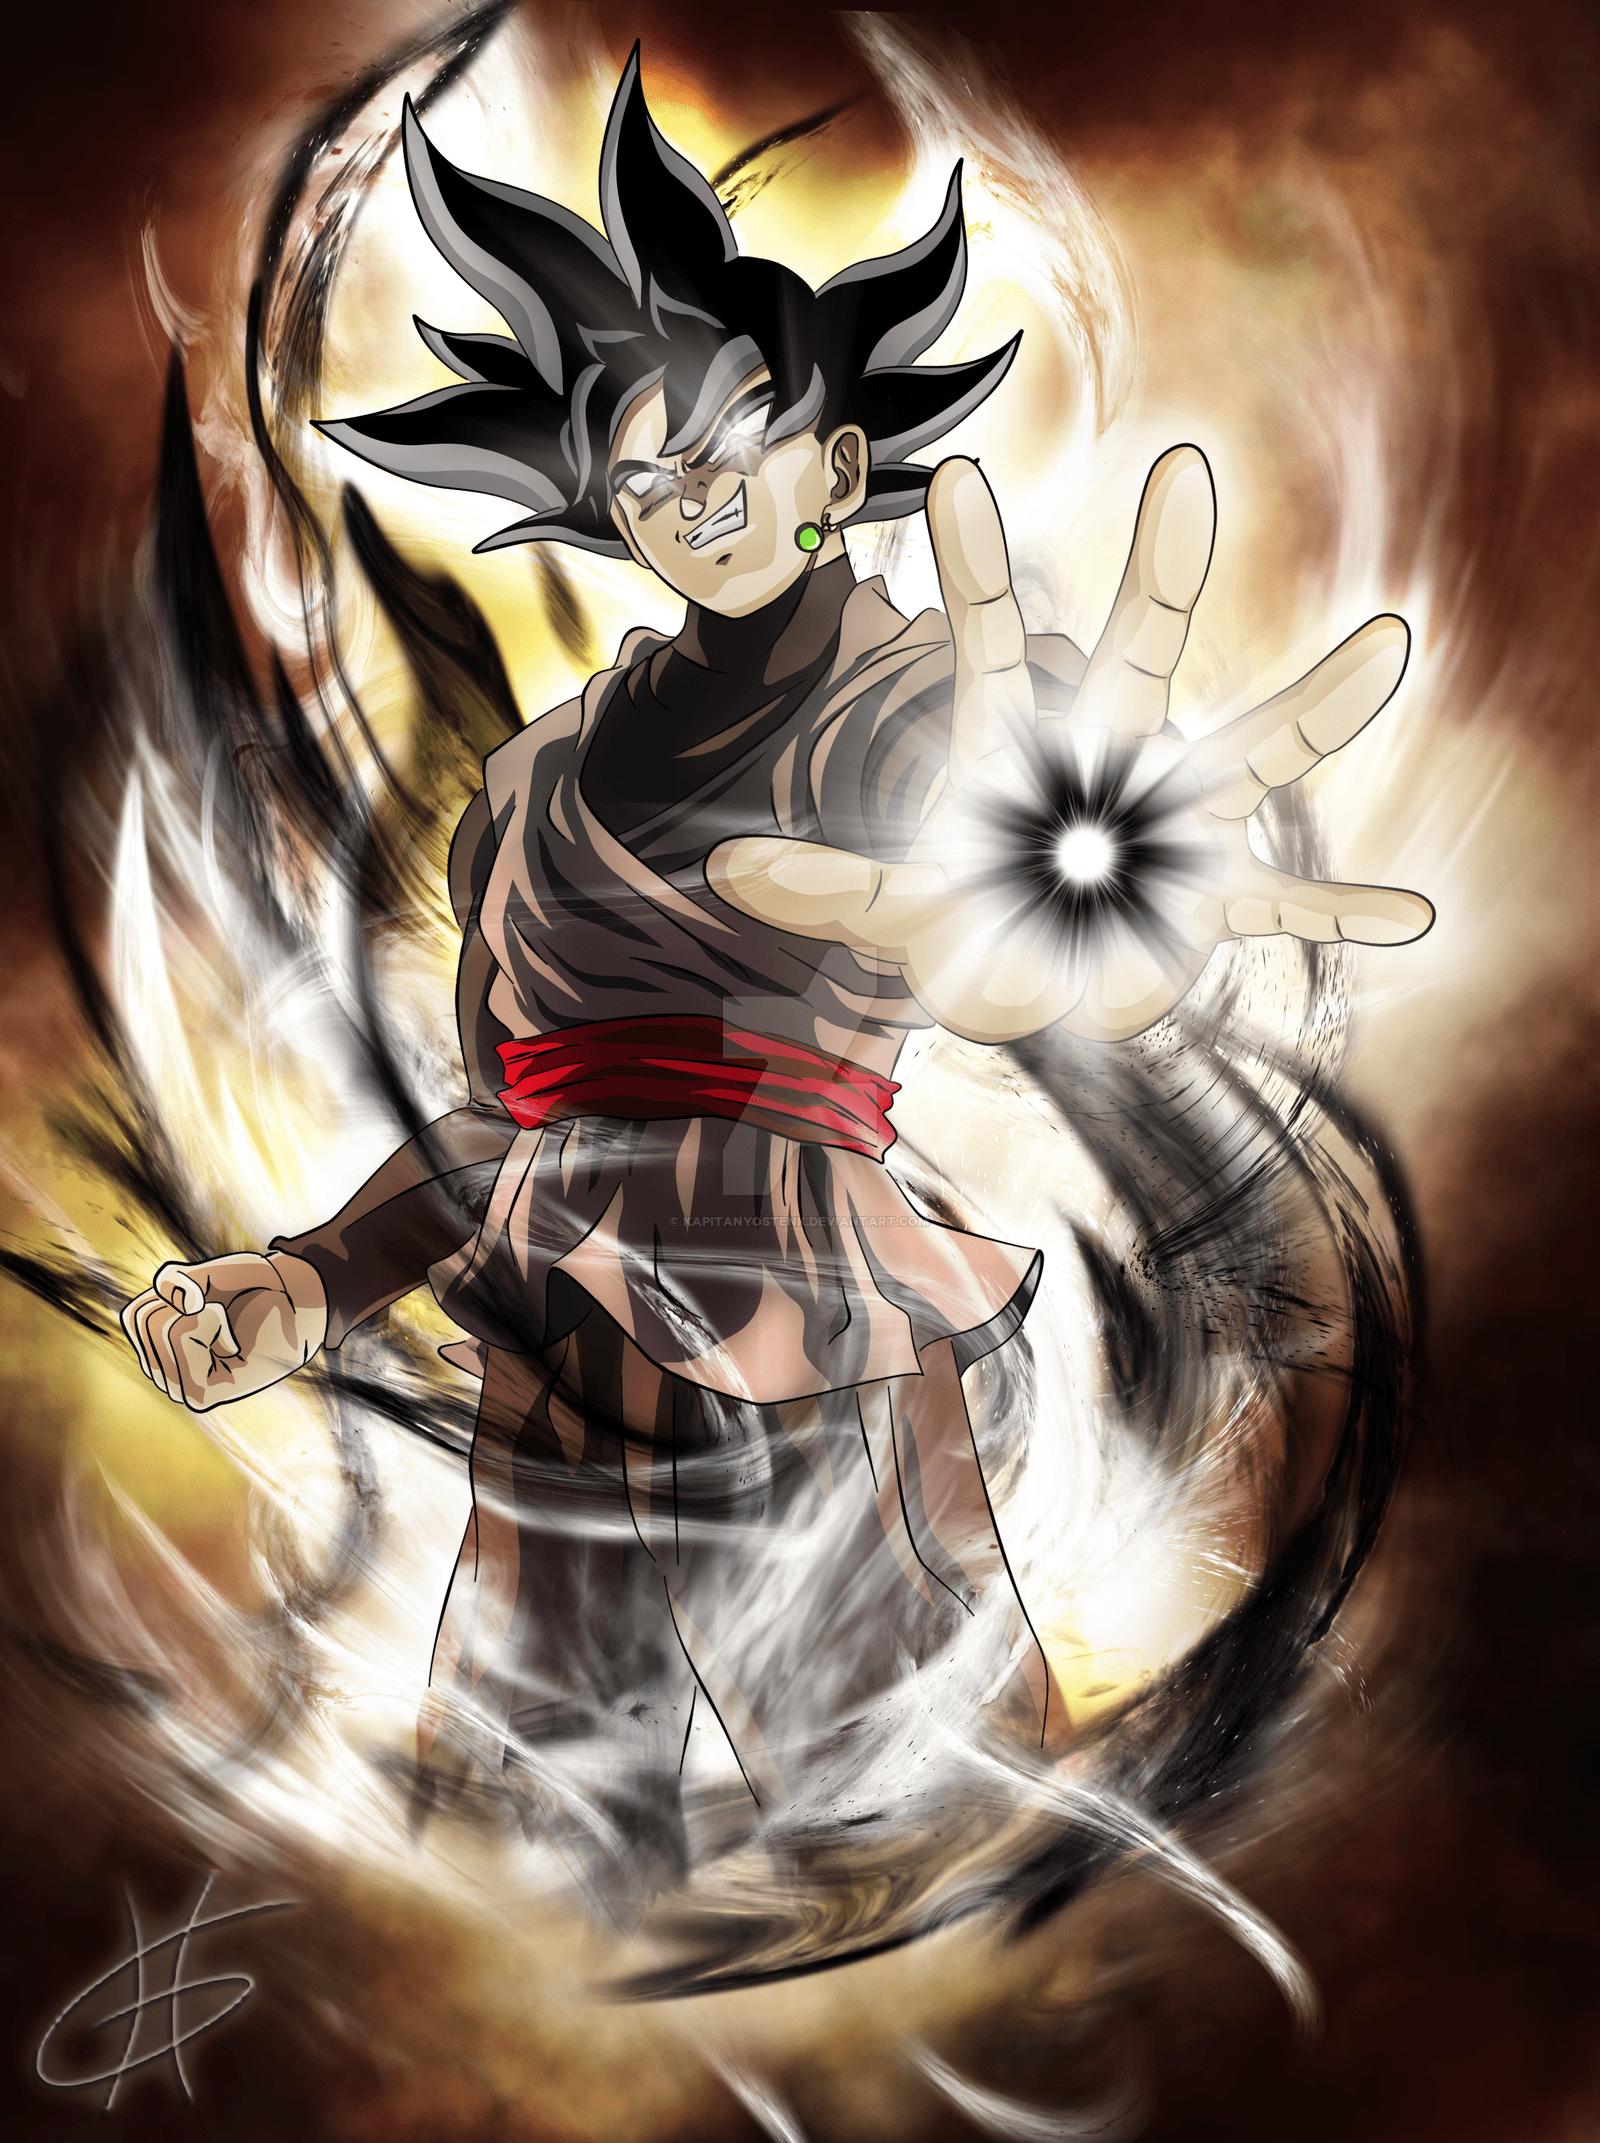 Goku Wallpapers Top Free Goku Backgrounds Wallpaperaccess